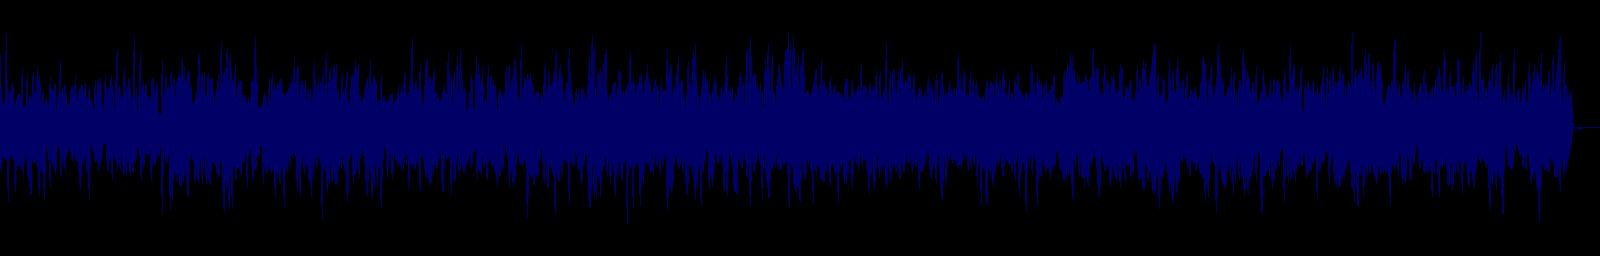 waveform of track #112888